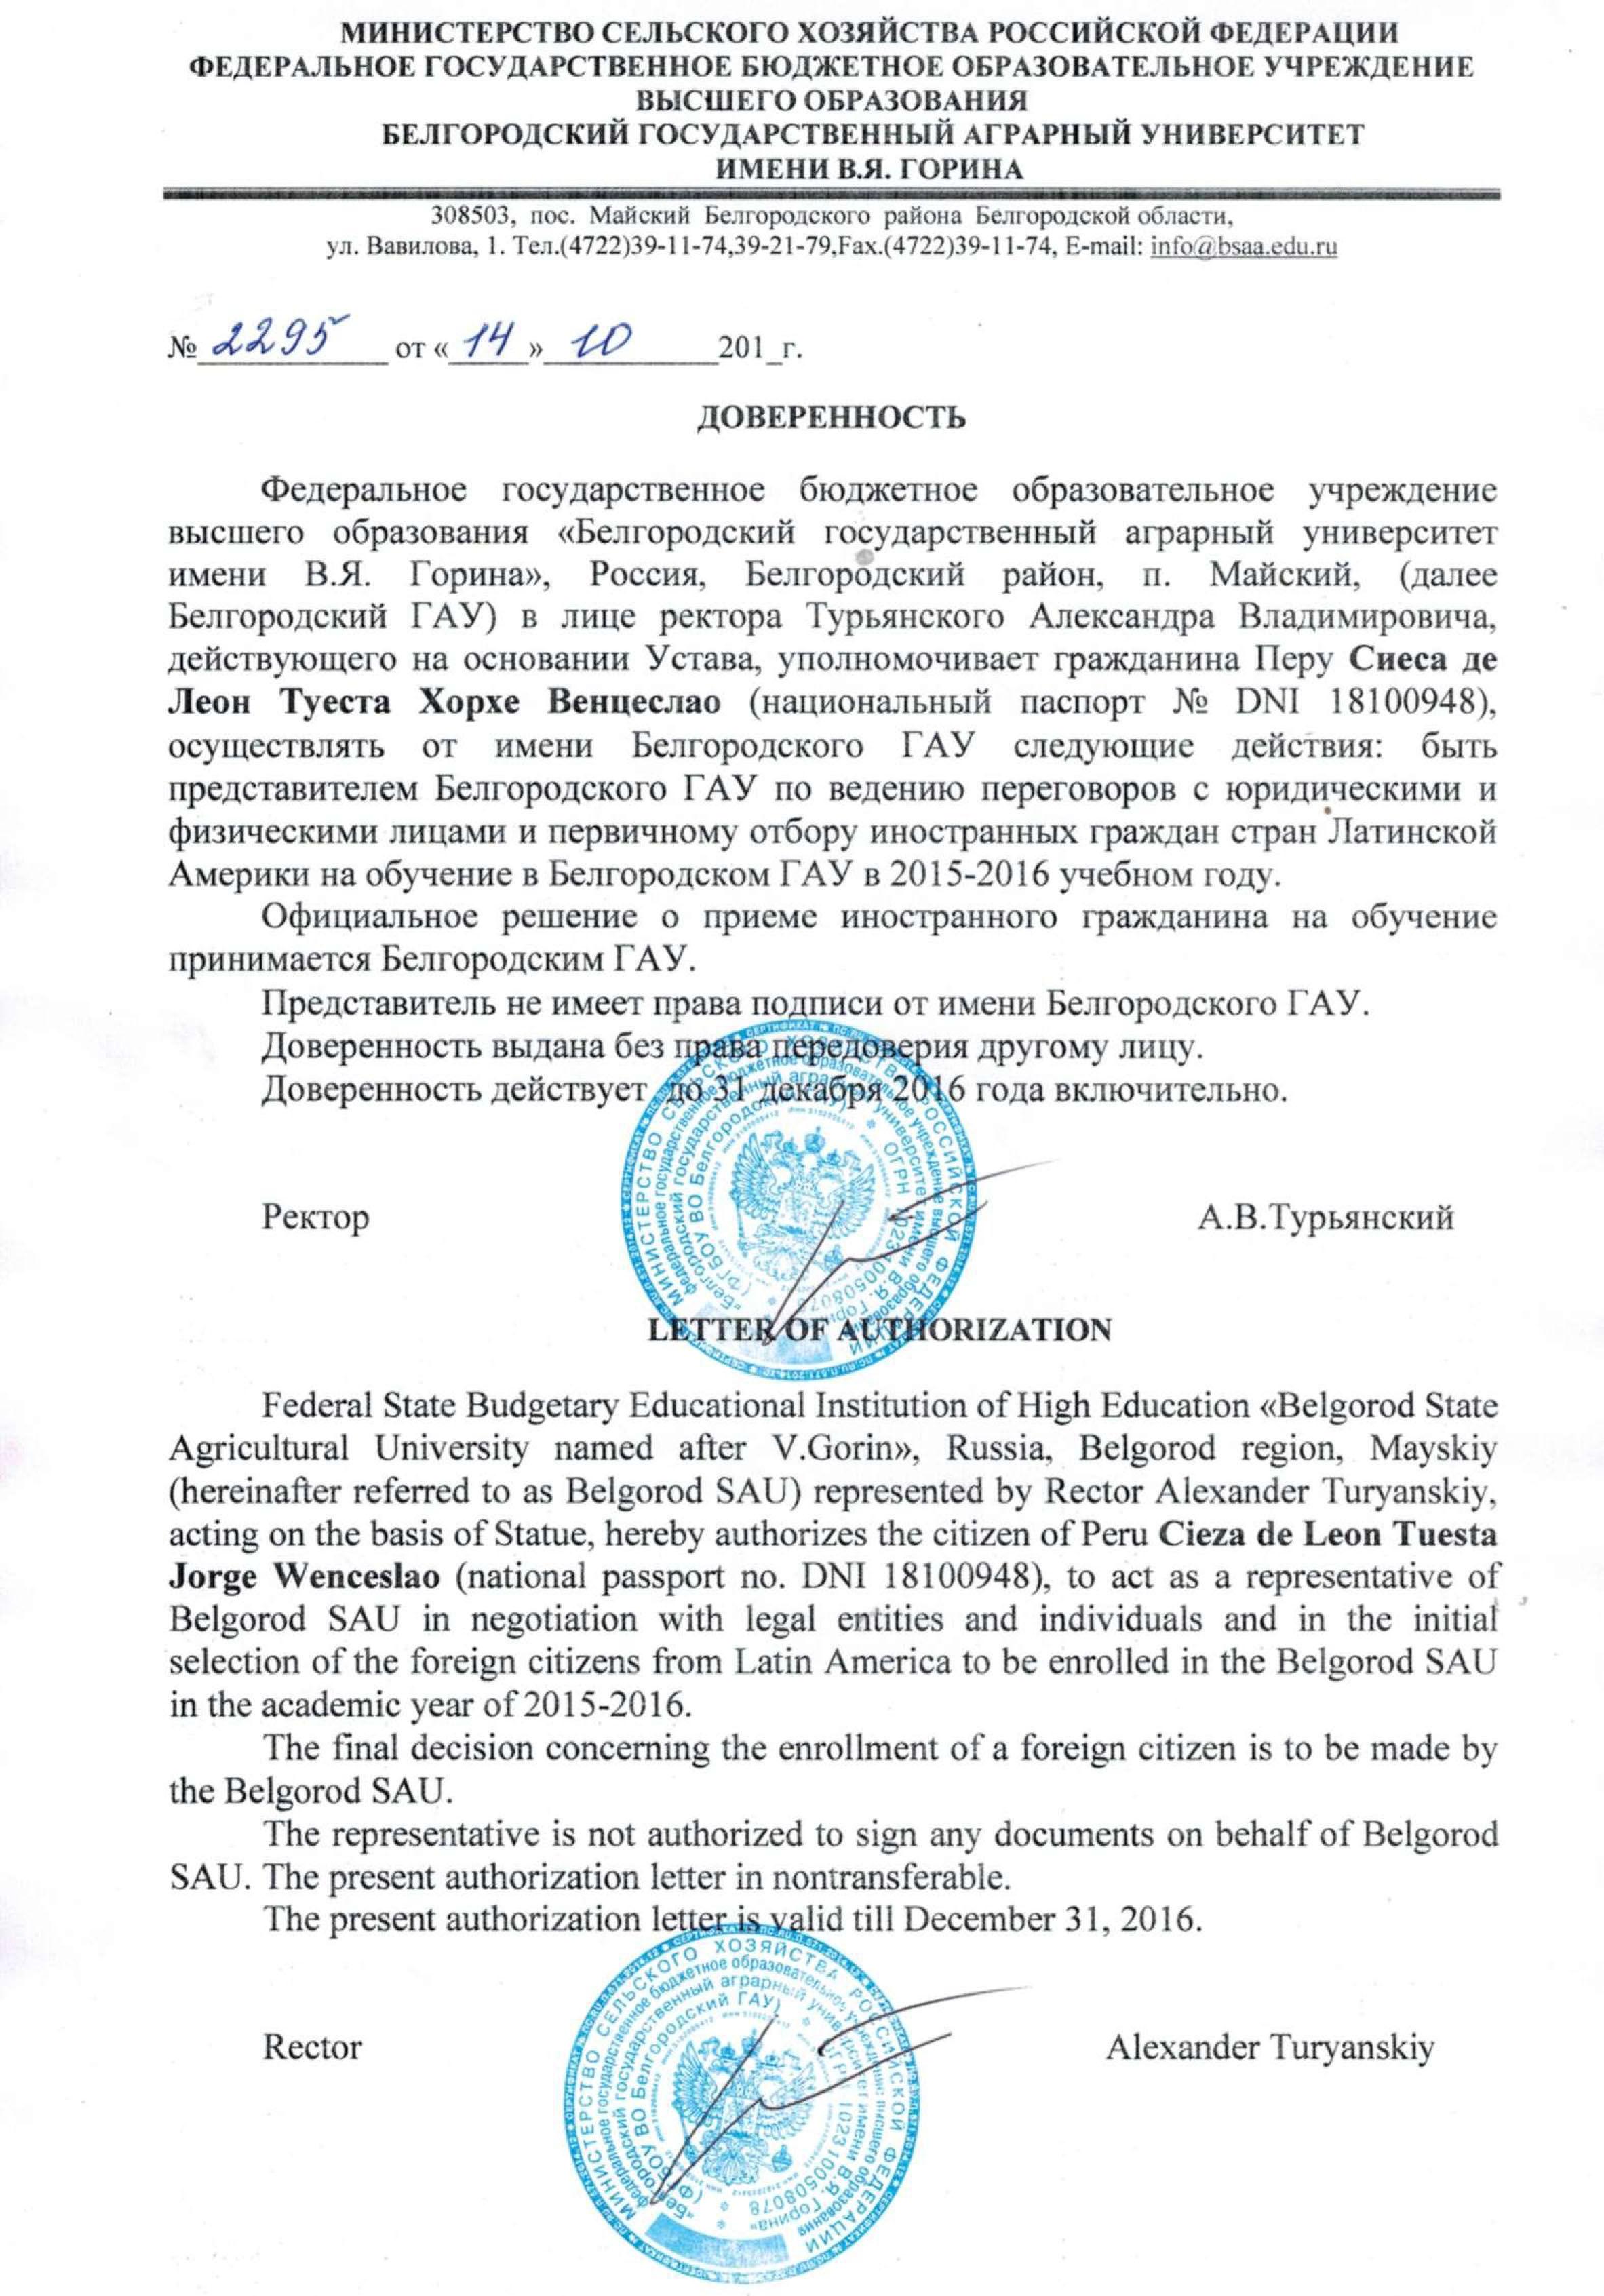 Convenio con la Universidad Estatal de Construcción Civil de Moscú